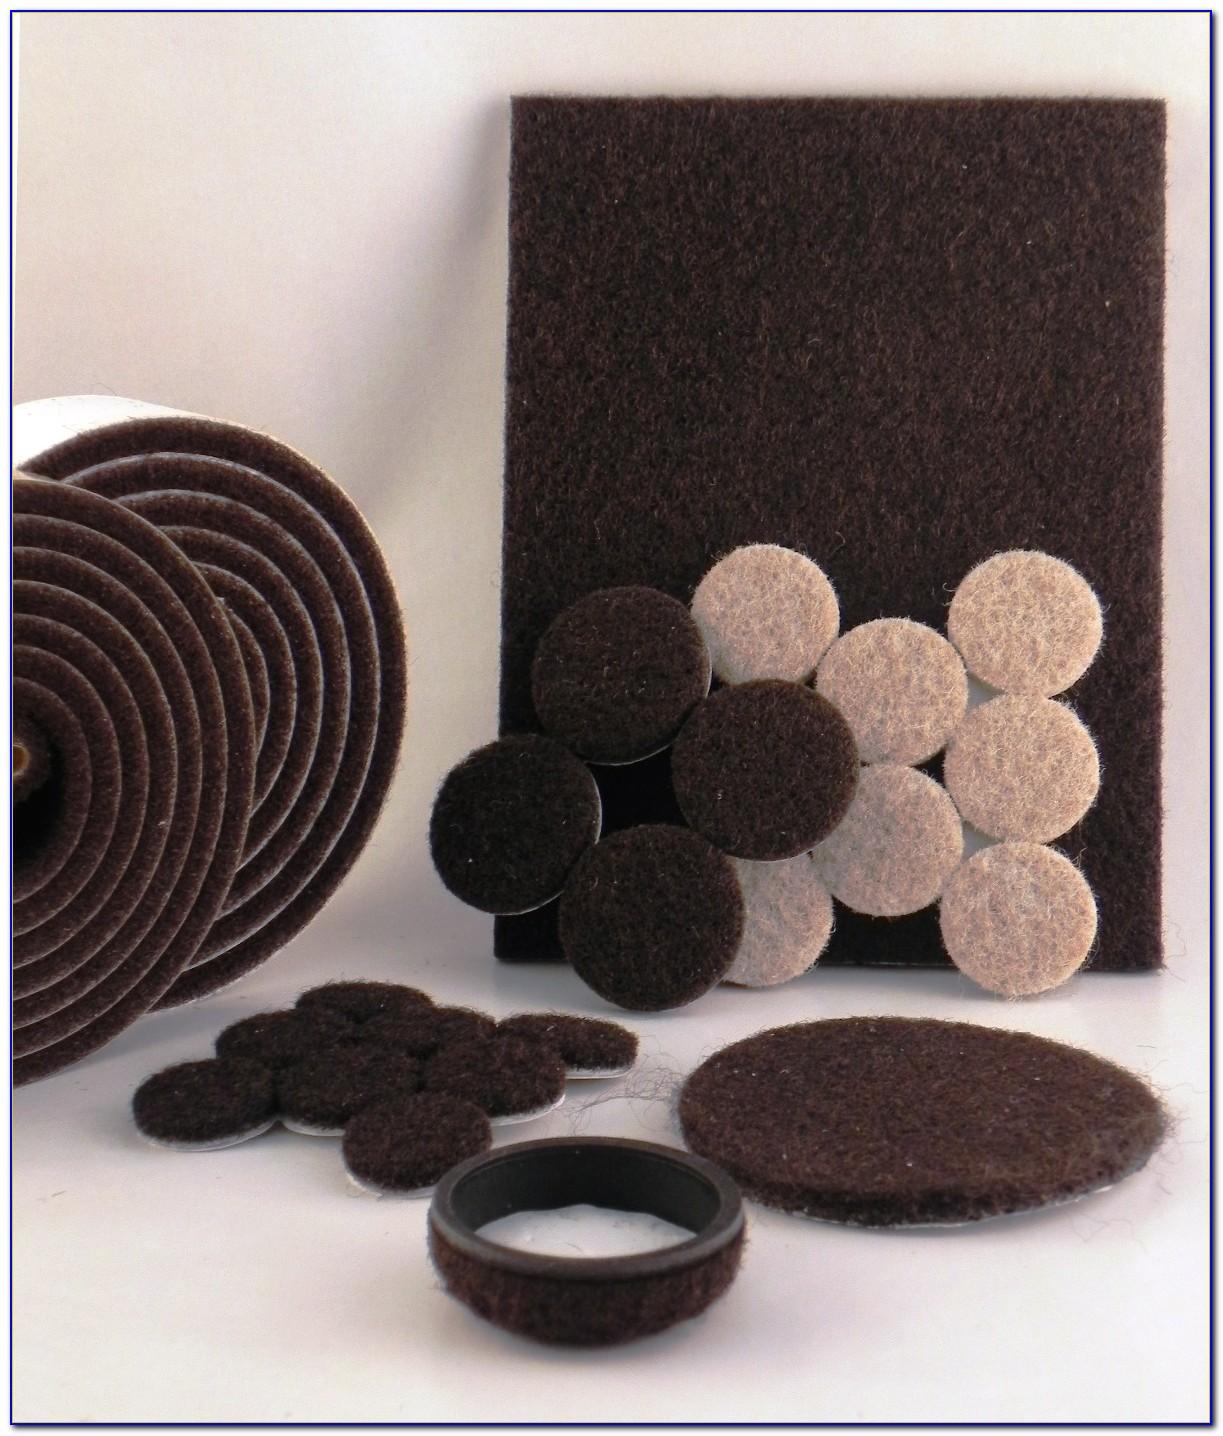 Hardwood Floor Furniture Protectors Adhesive Felt Pads